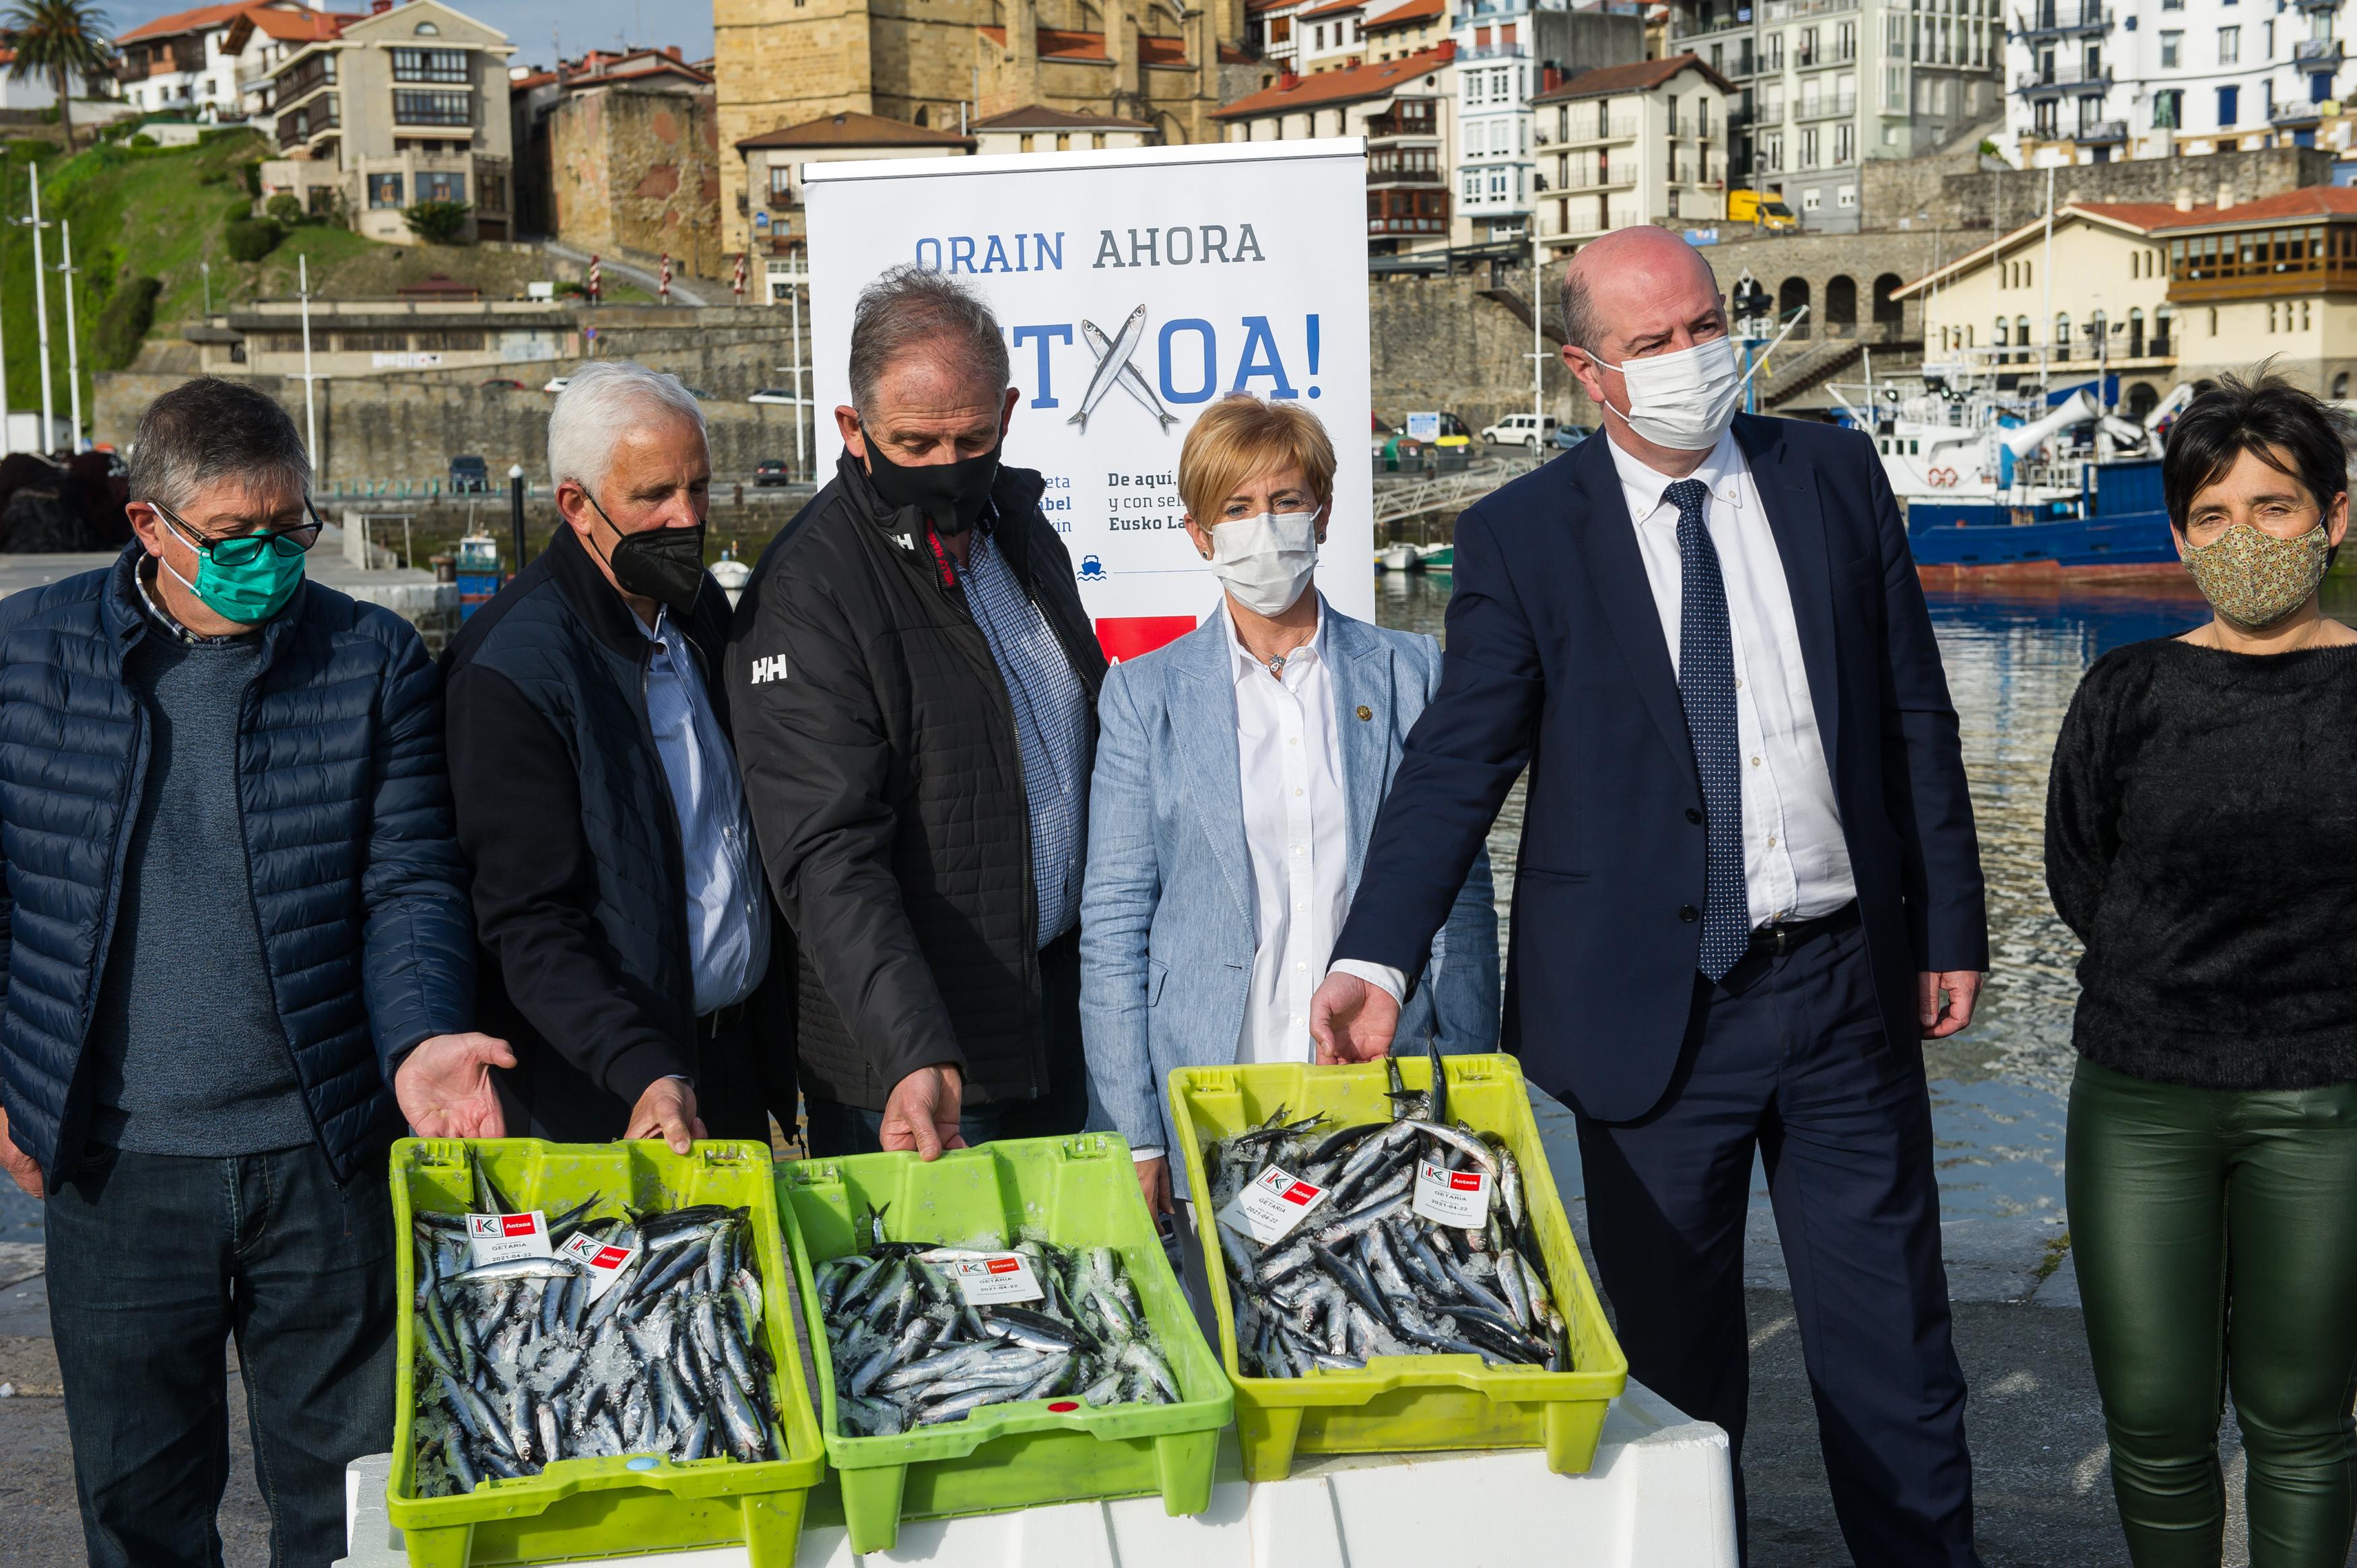 Eusko Label duen Antxoa Euskadiko kalitate ziurtatuko produktuen familian sartu berri da [8:59]